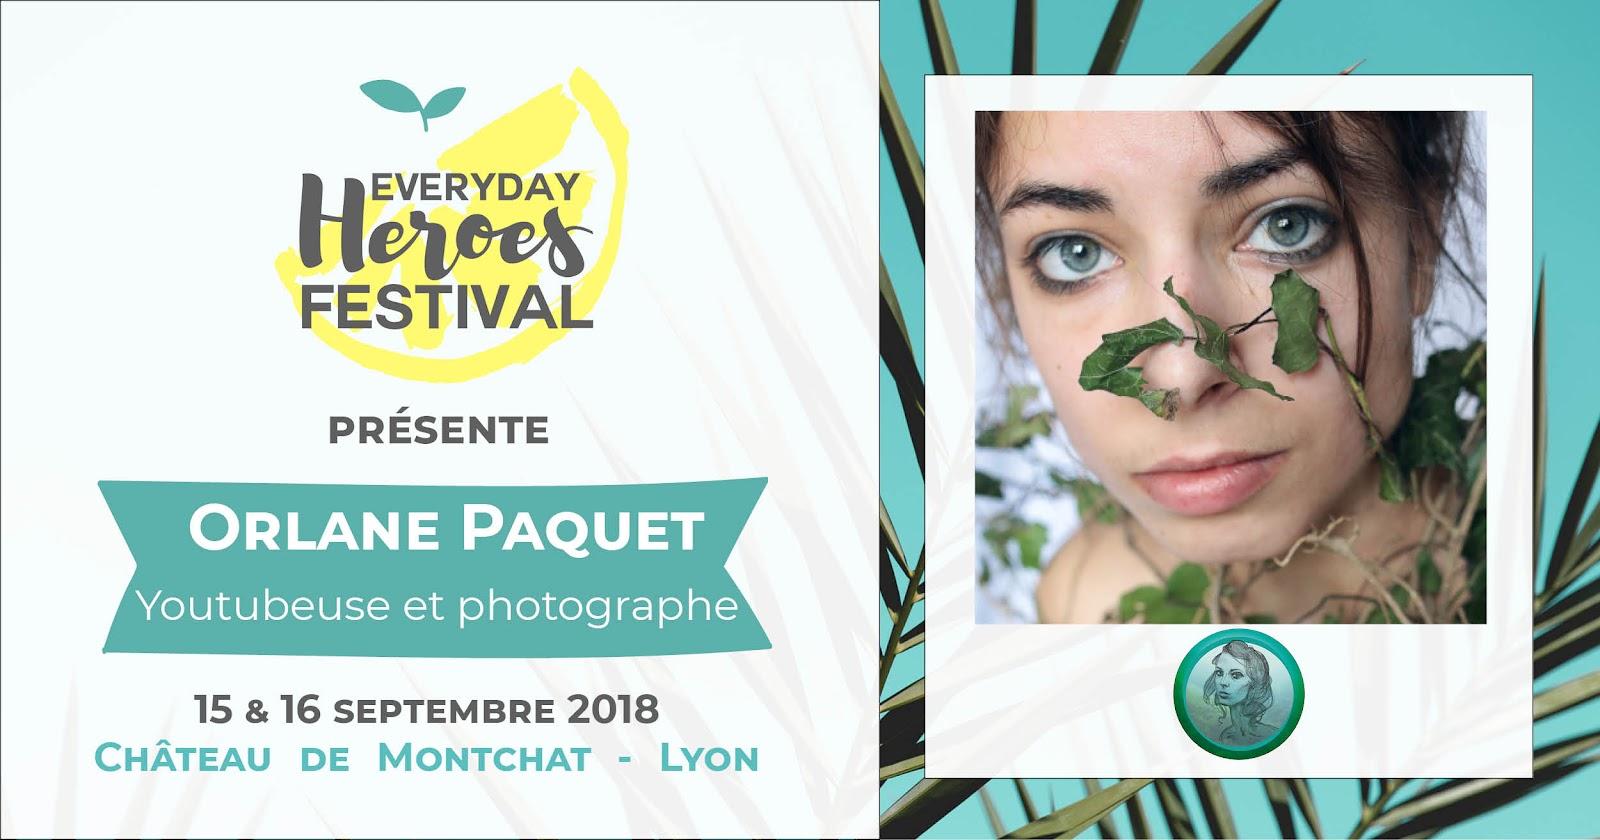 Orlane Paquet, de la chaîne Youtube Libre et Sauvage, pour un mode de vie éco-responsable au quotidien